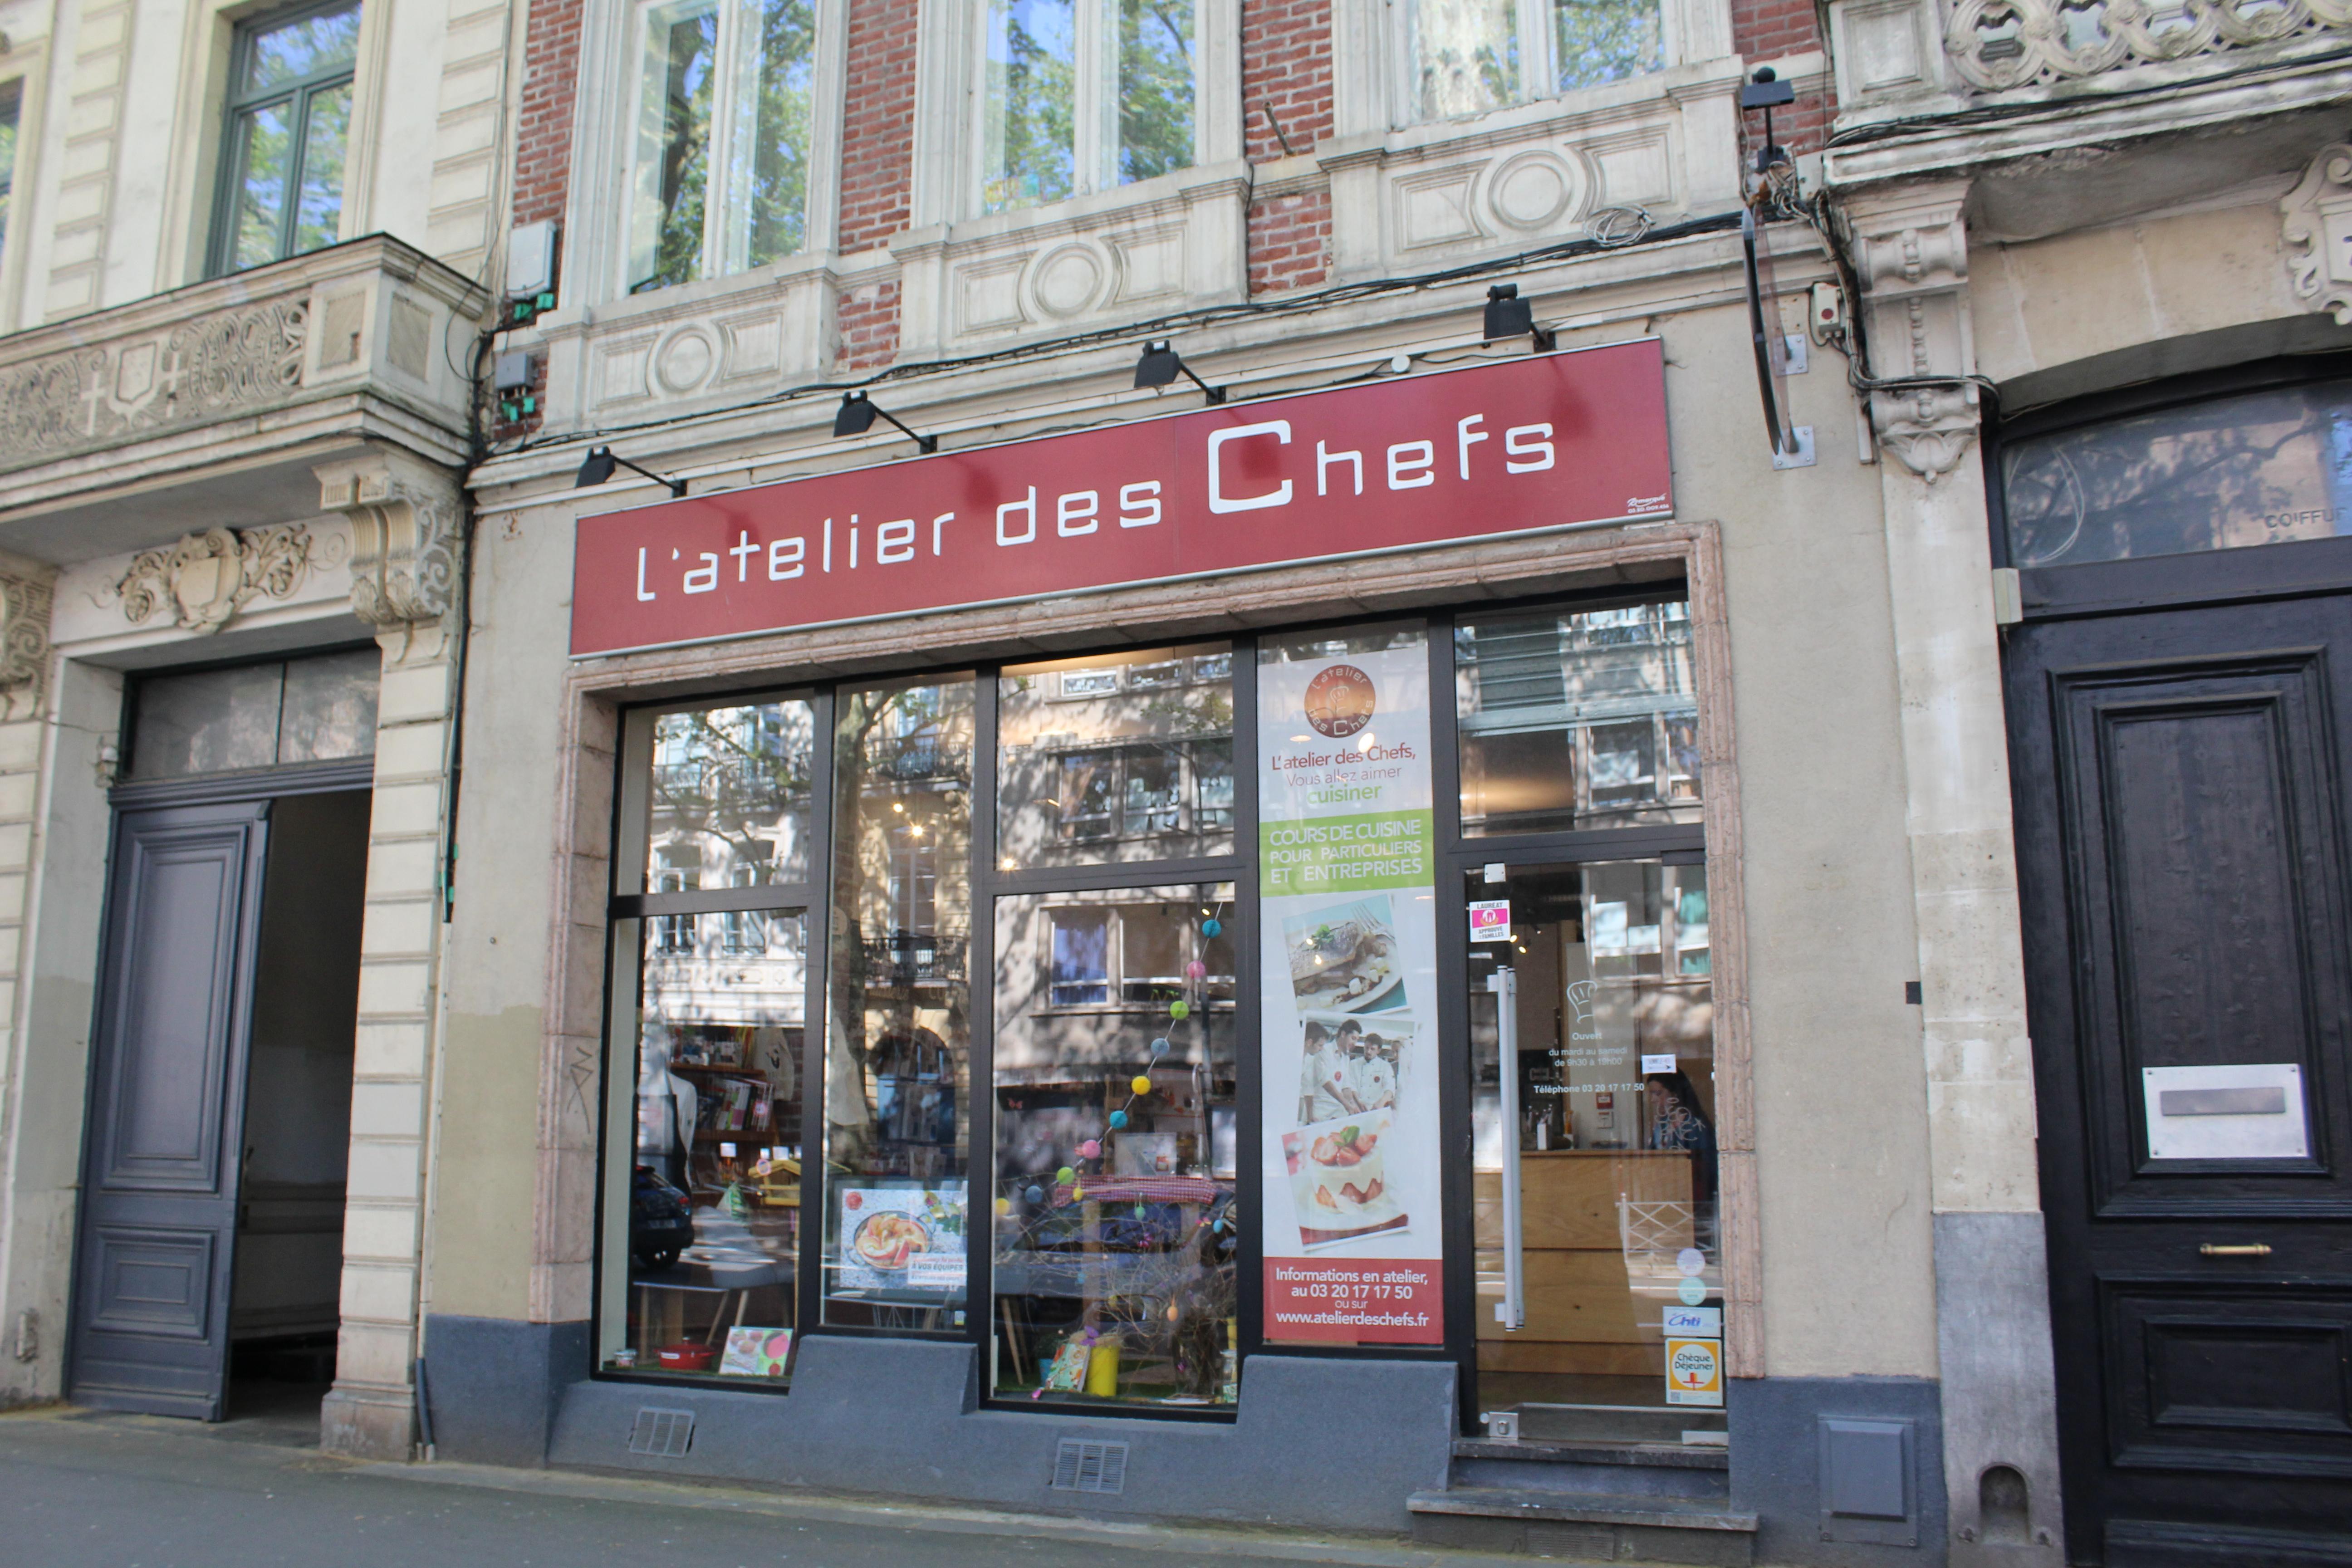 Cours De Cuisine Henin Beaumont on débarque à lille en atelier, chef ! - blog lecourtcircuit.fr